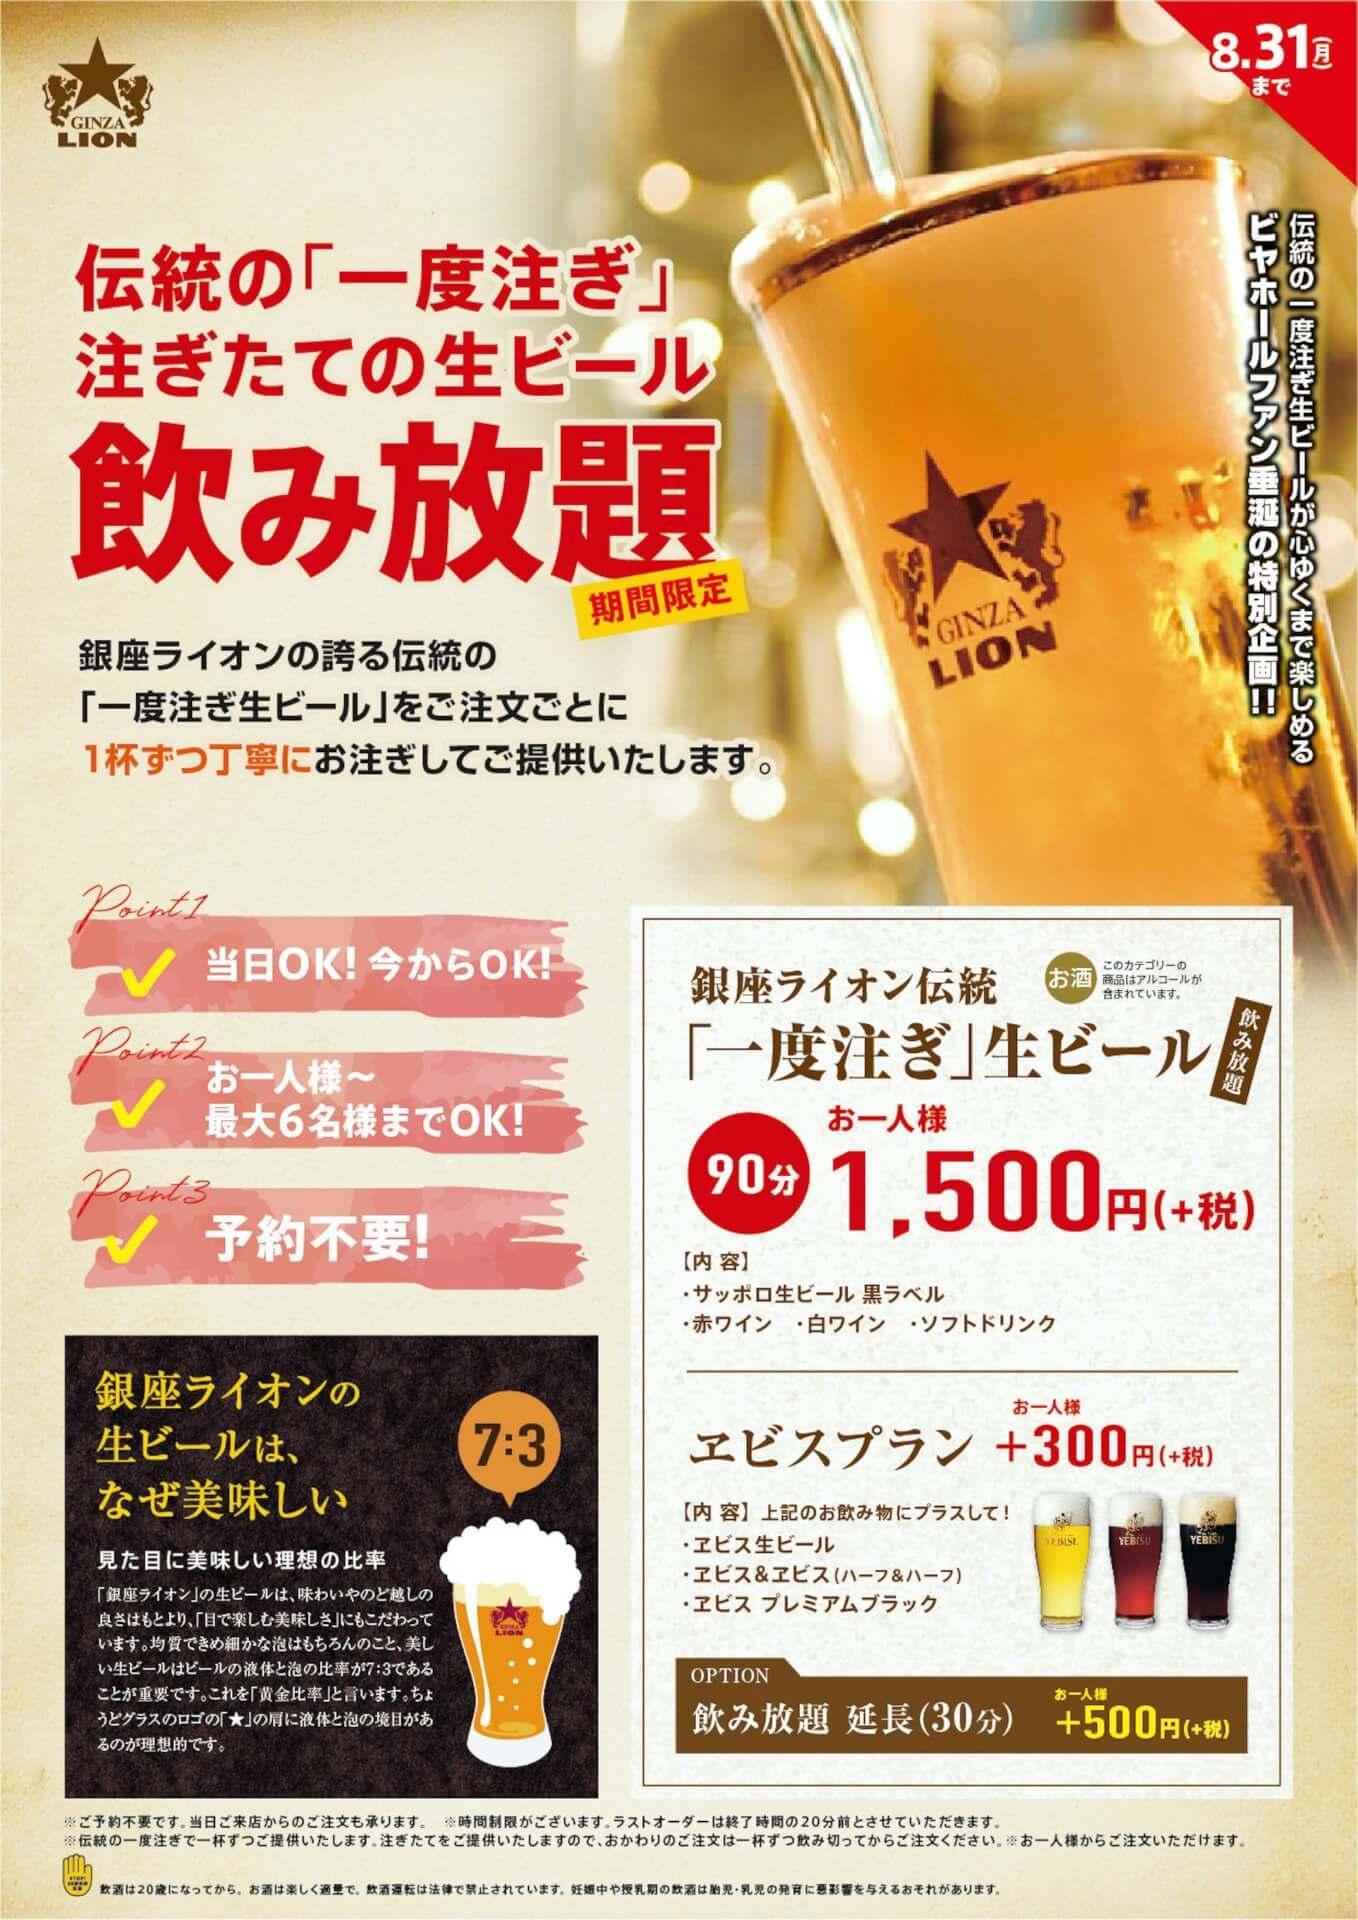 こだわりの一度注ぎ生ビールを堪能しよう!銀座ライオンとYEBISU BARで生ビールの飲み放題が期間限定で実施 gourmet200720_beer_ginza_yebisu_03